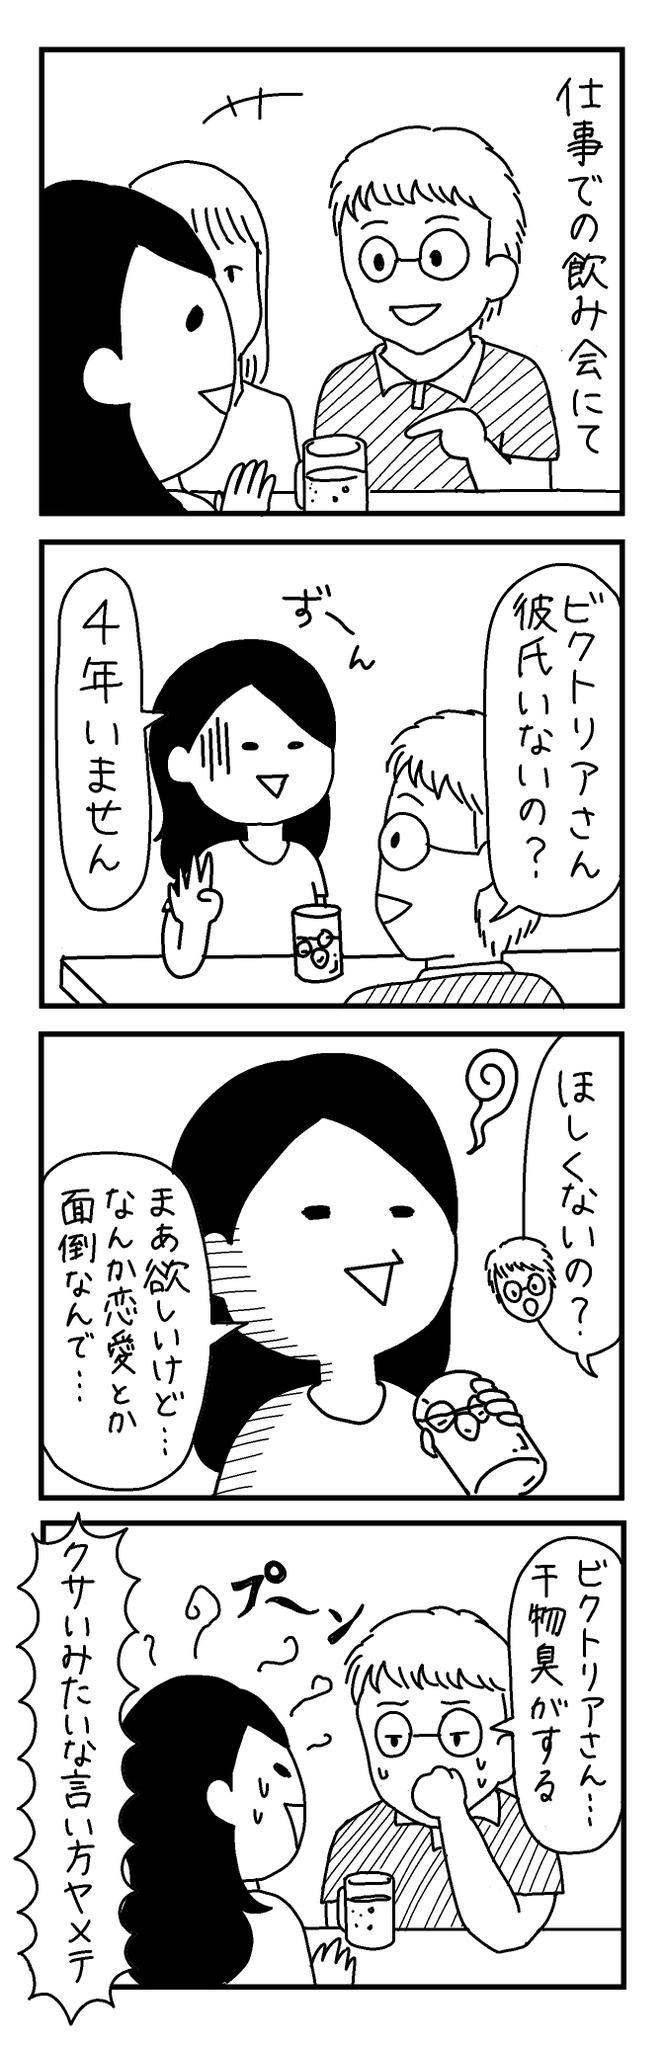 【4コマ漫画】第17回「ビクトリアな日々」作:ビクトリアブラディーヌ